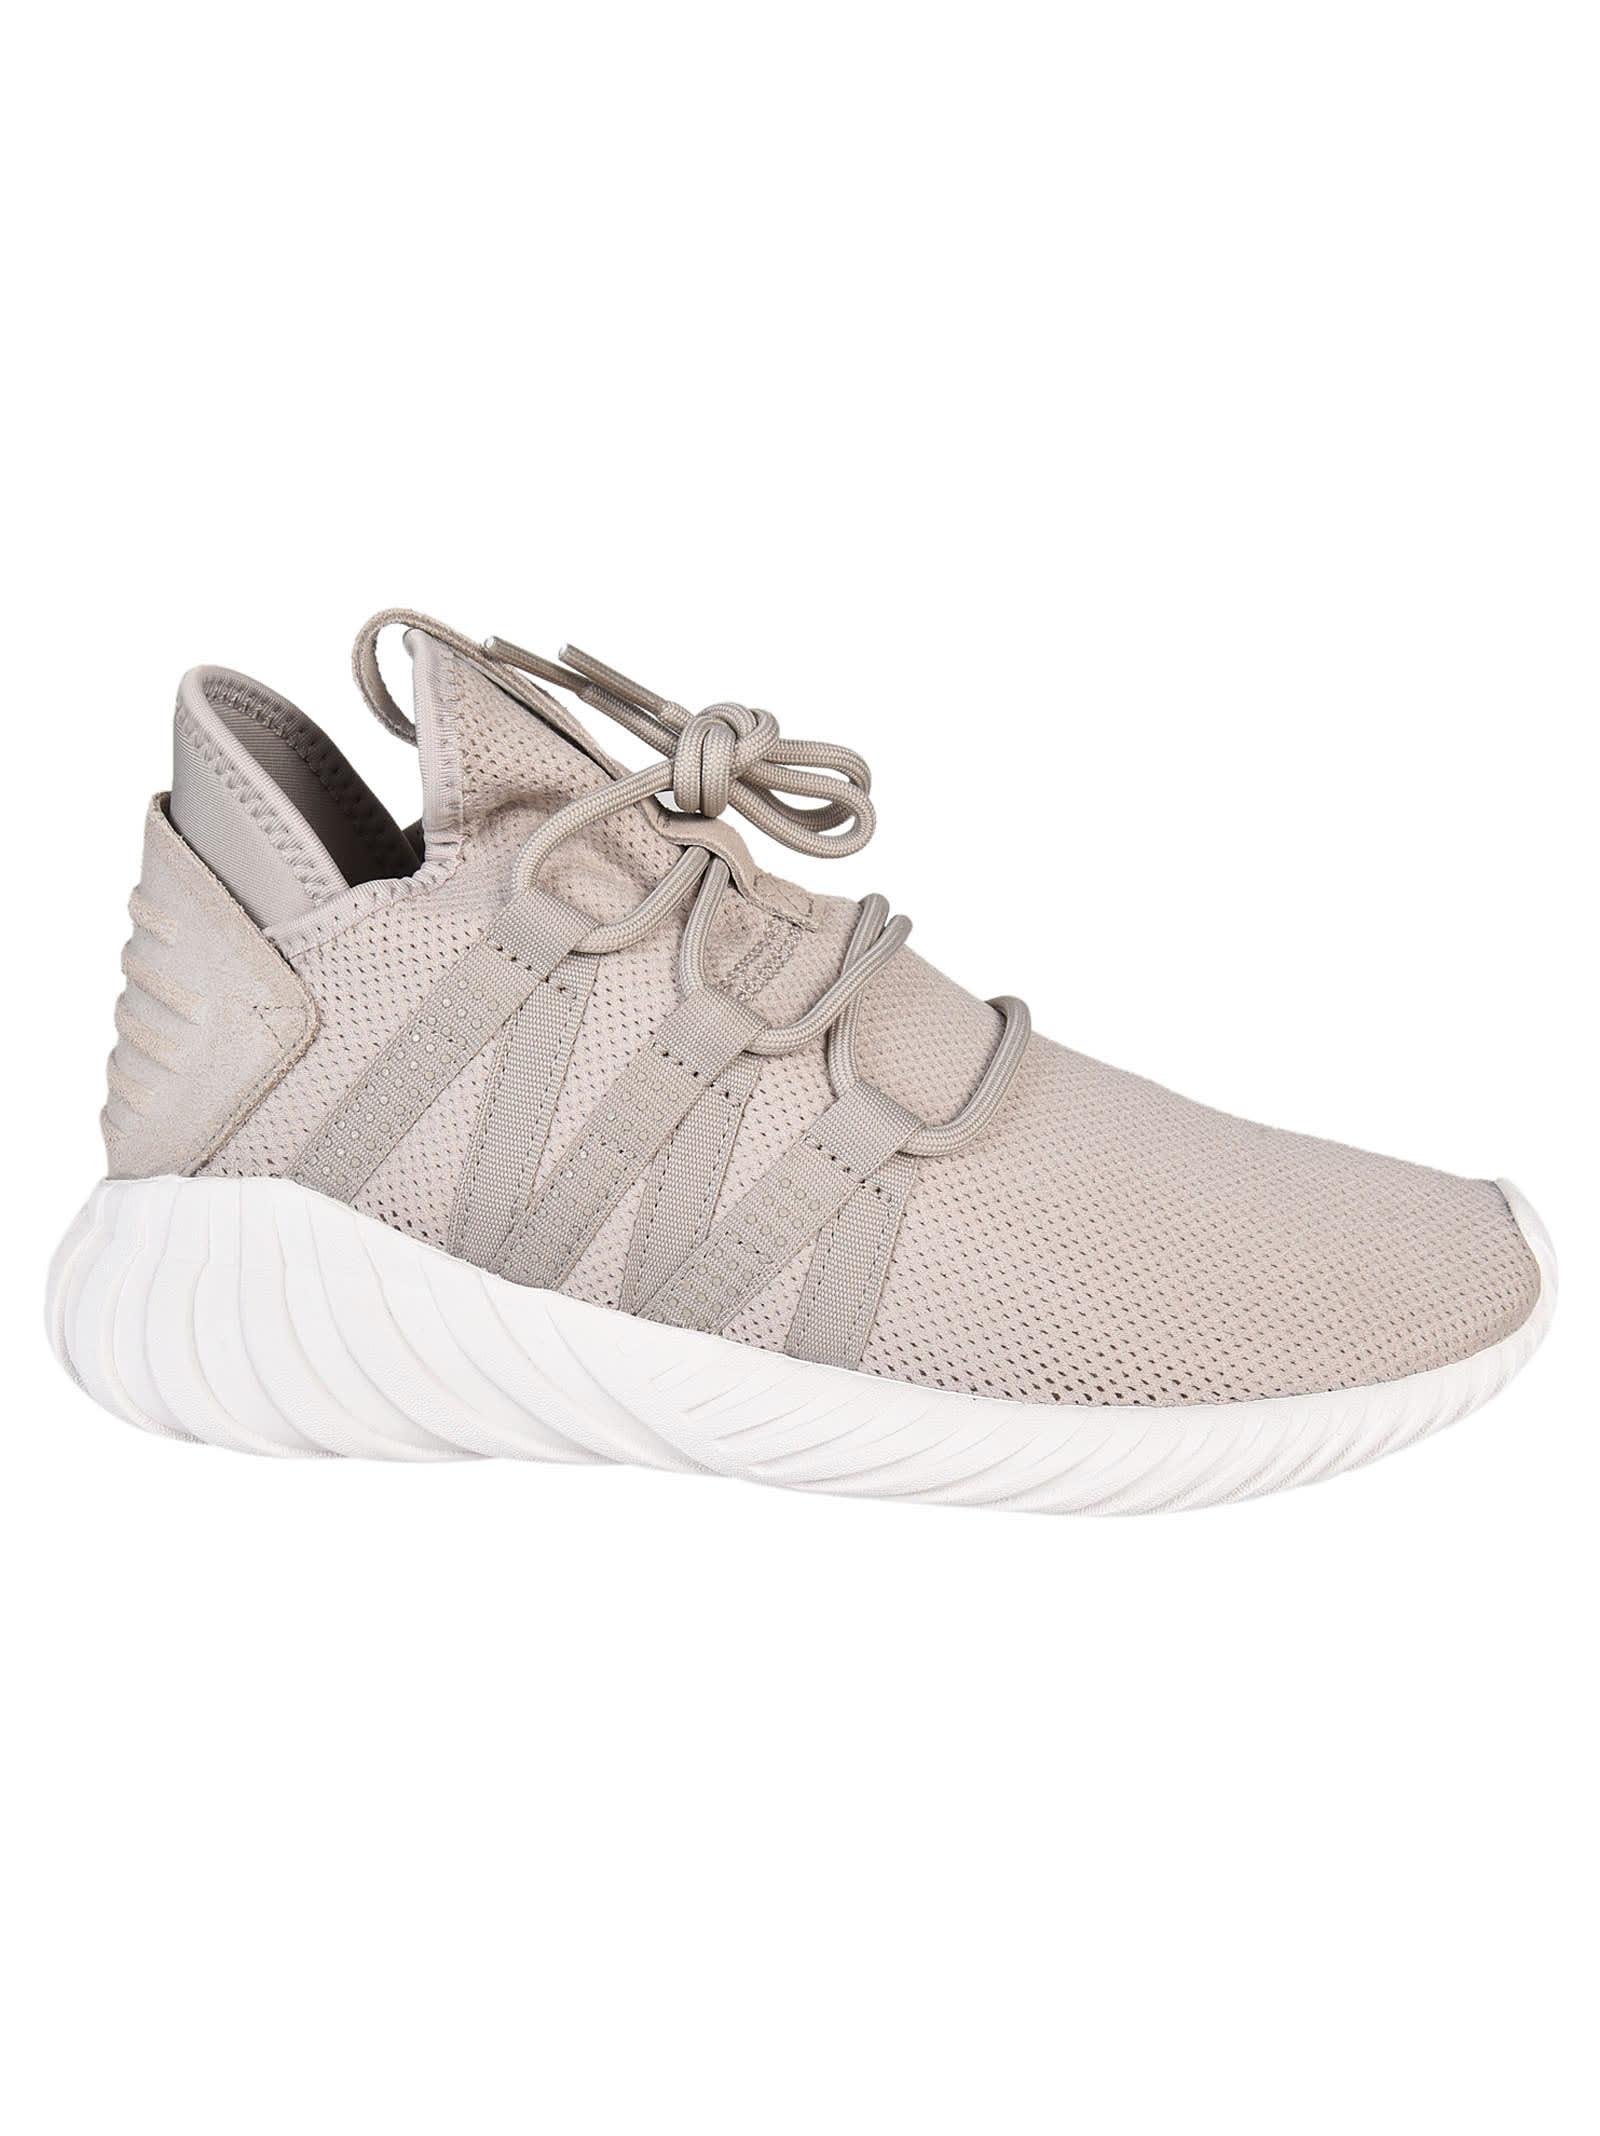 size 40 8f912 cb59a Adidas Tubular Dawn Sneakers